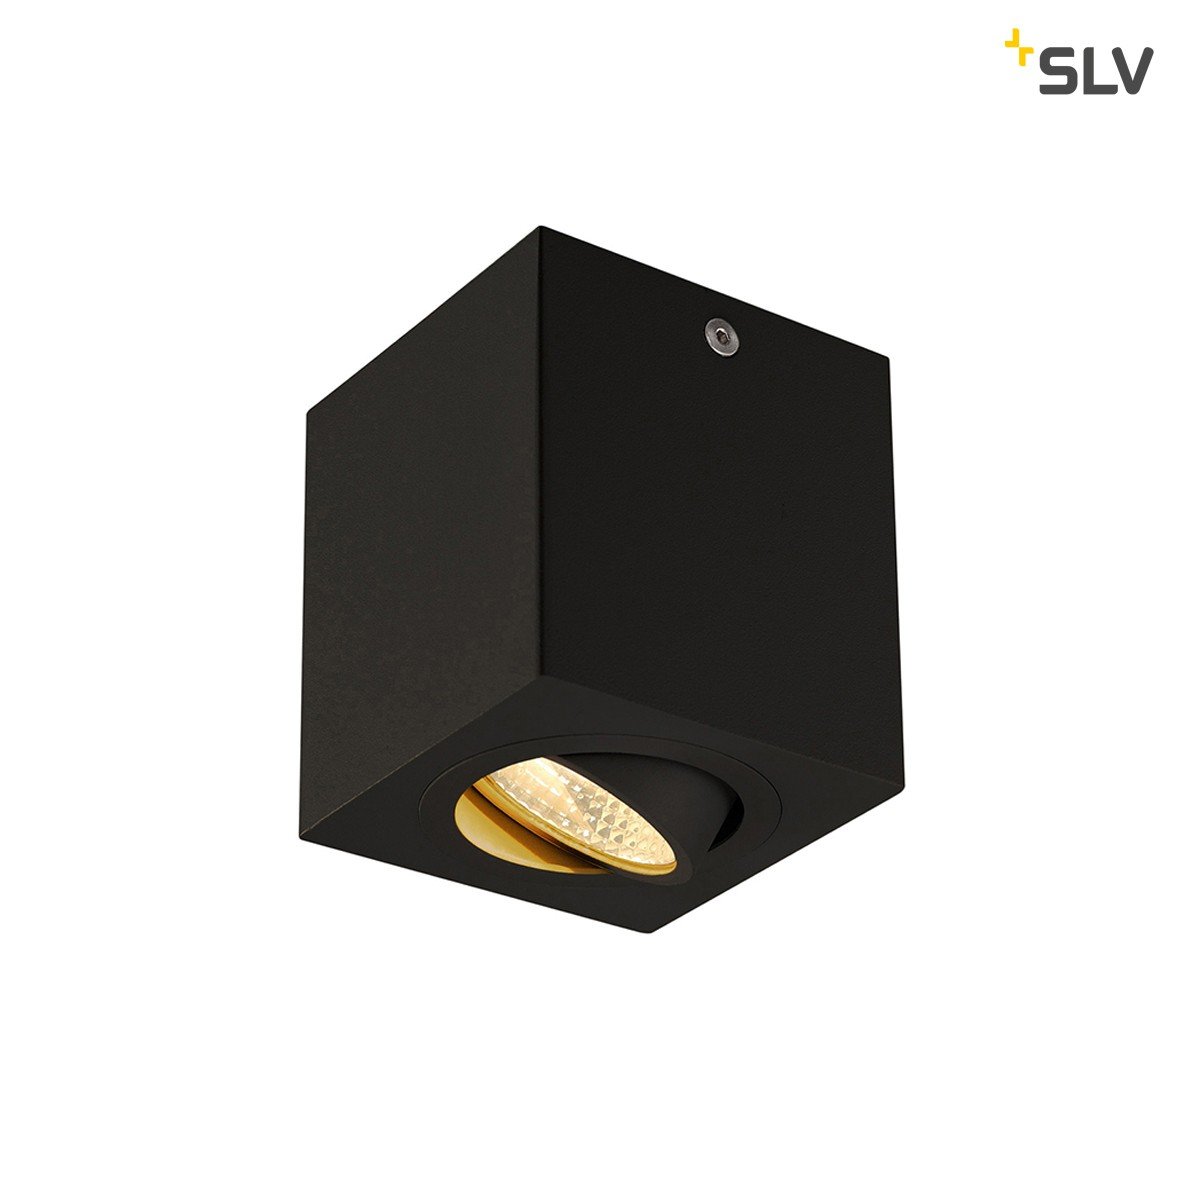 SLV Triledo Square Deckenleuchte, schwarz matt